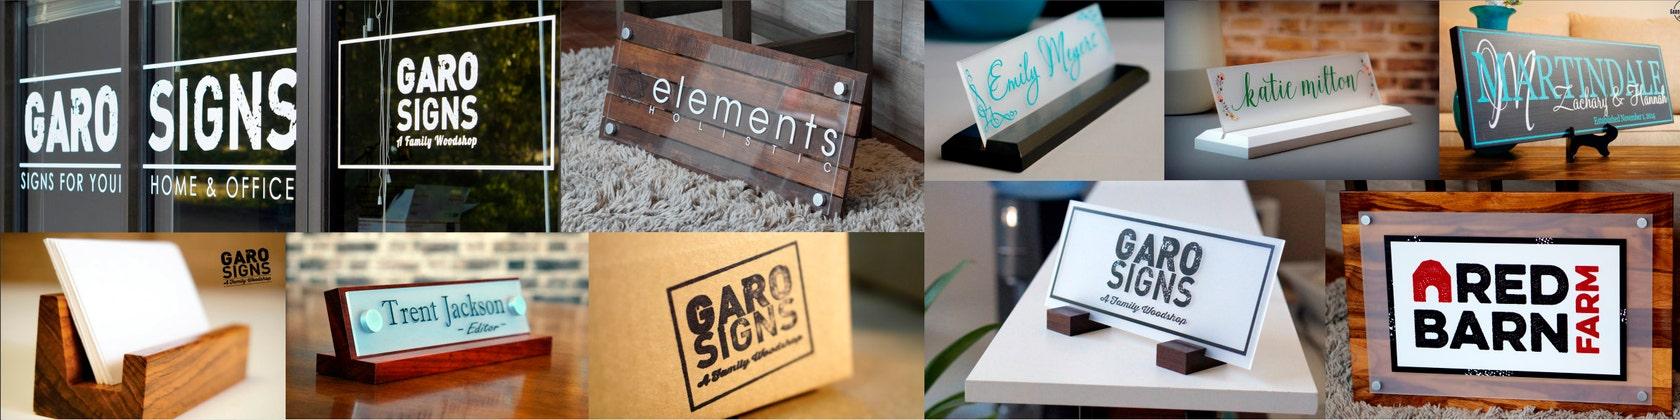 Signs for your Home & Office von GaroSigns auf Etsy